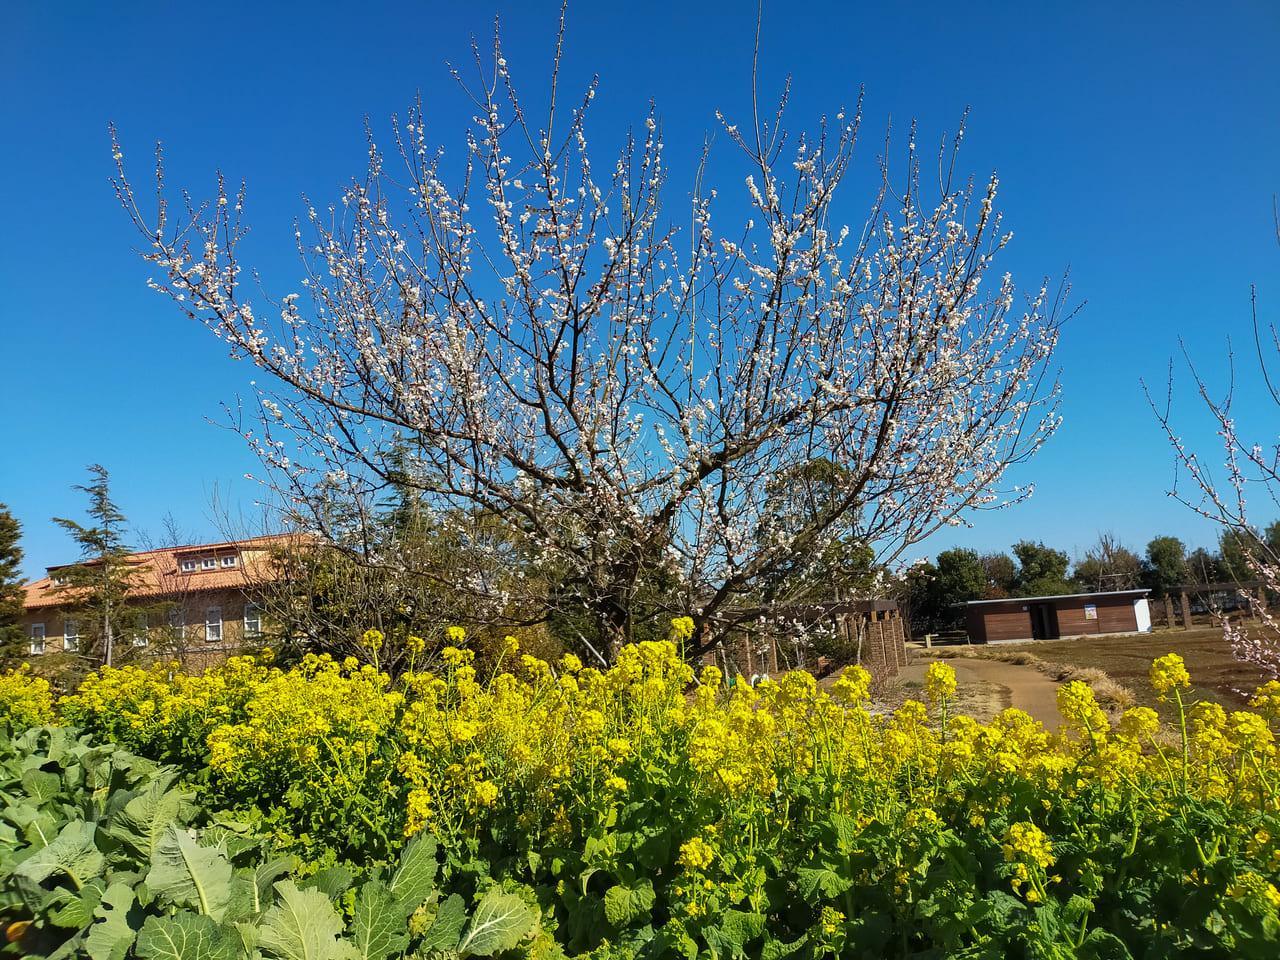 花菜ガーデンで菜の花と梅の花が見頃を迎えています!